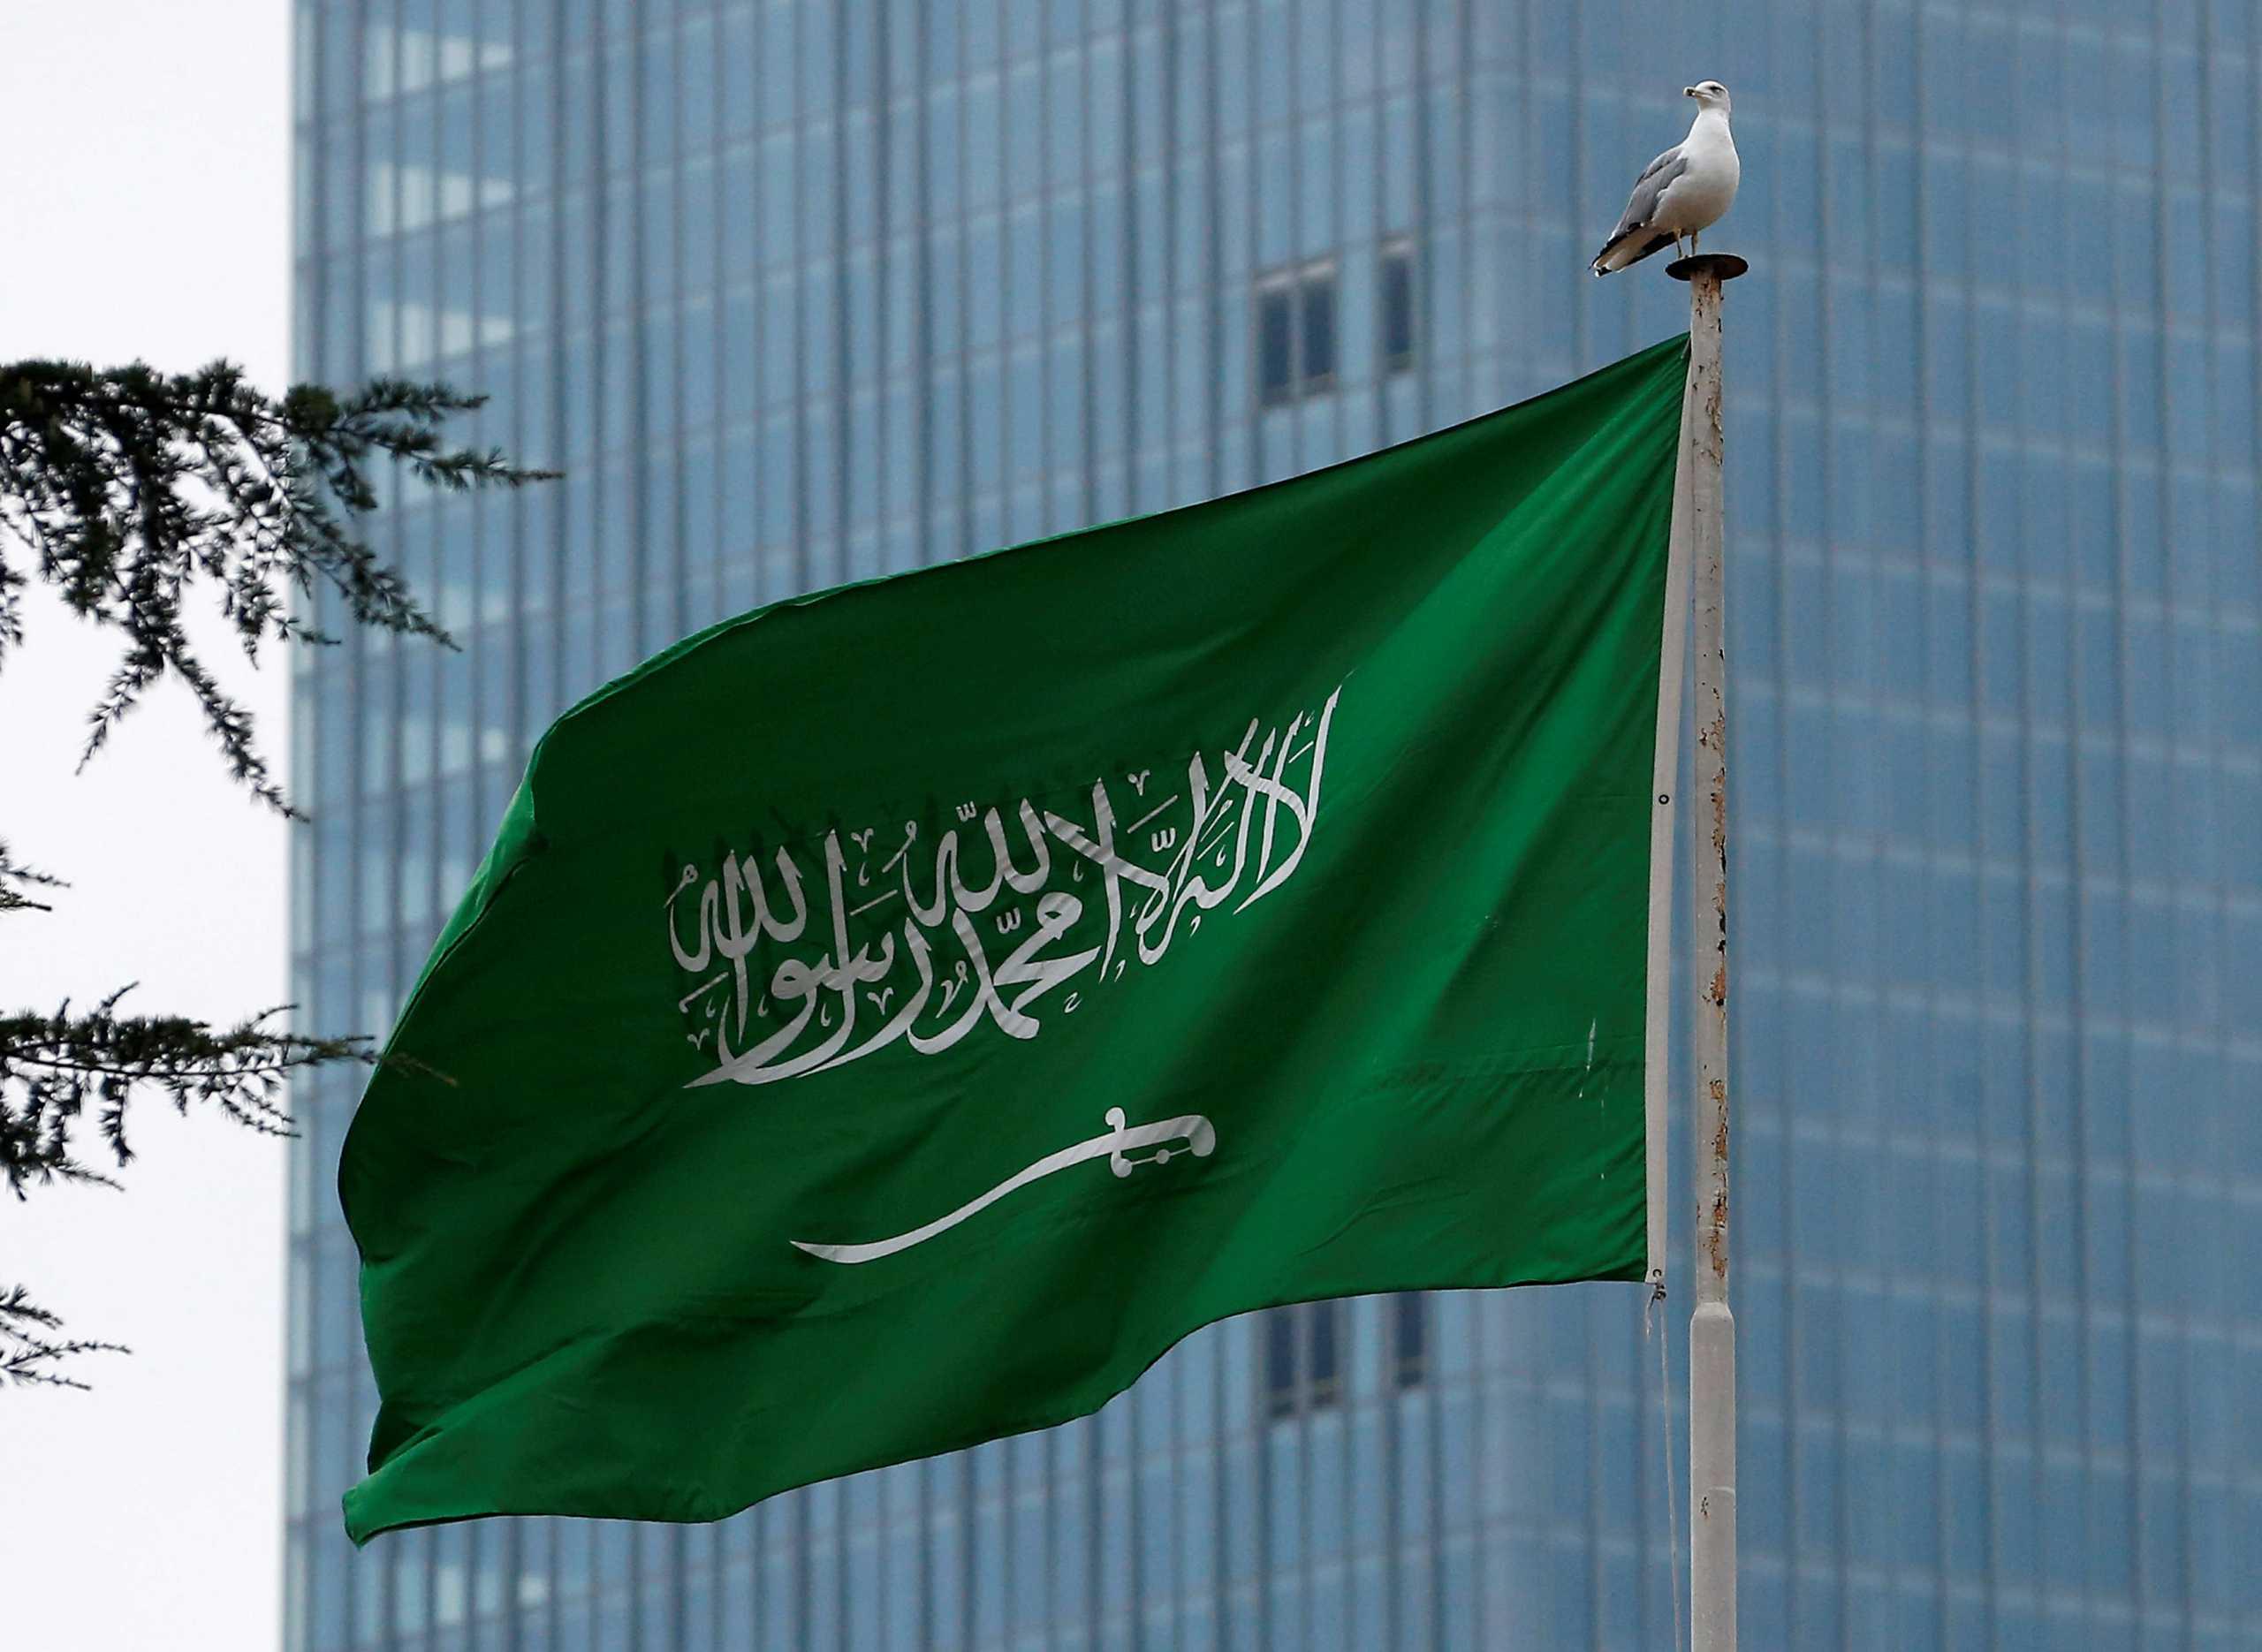 Σαουδική Αραβία: Εκτελέστηκε για αδικήματα που έκανε όταν ήταν ανήλικος